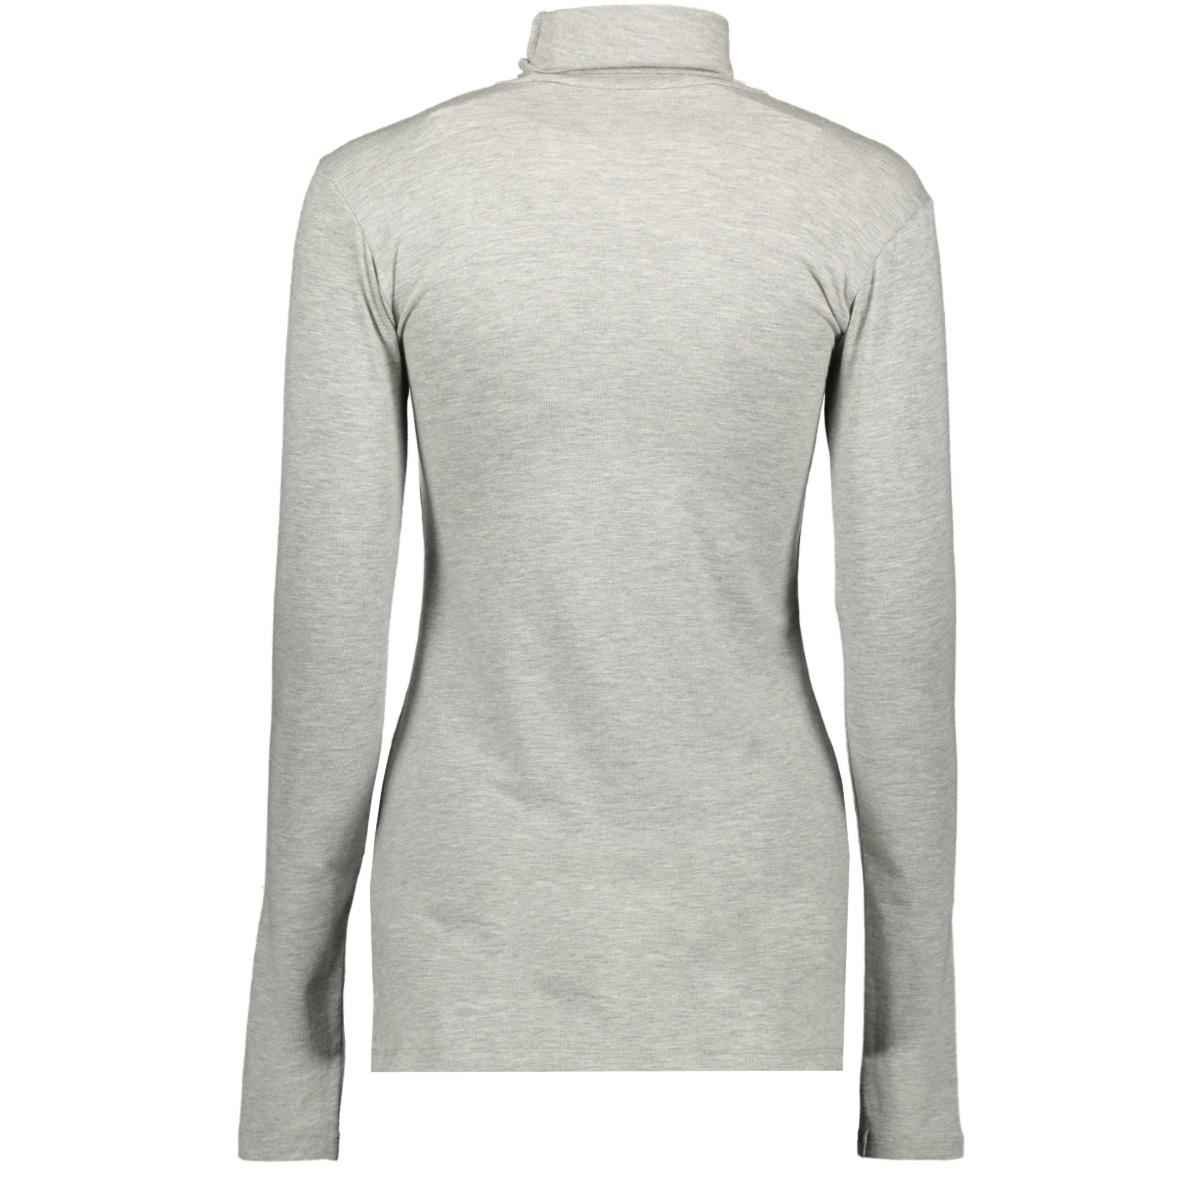 high neck tee 20 772 9104 10 days t-shirt light grey melee